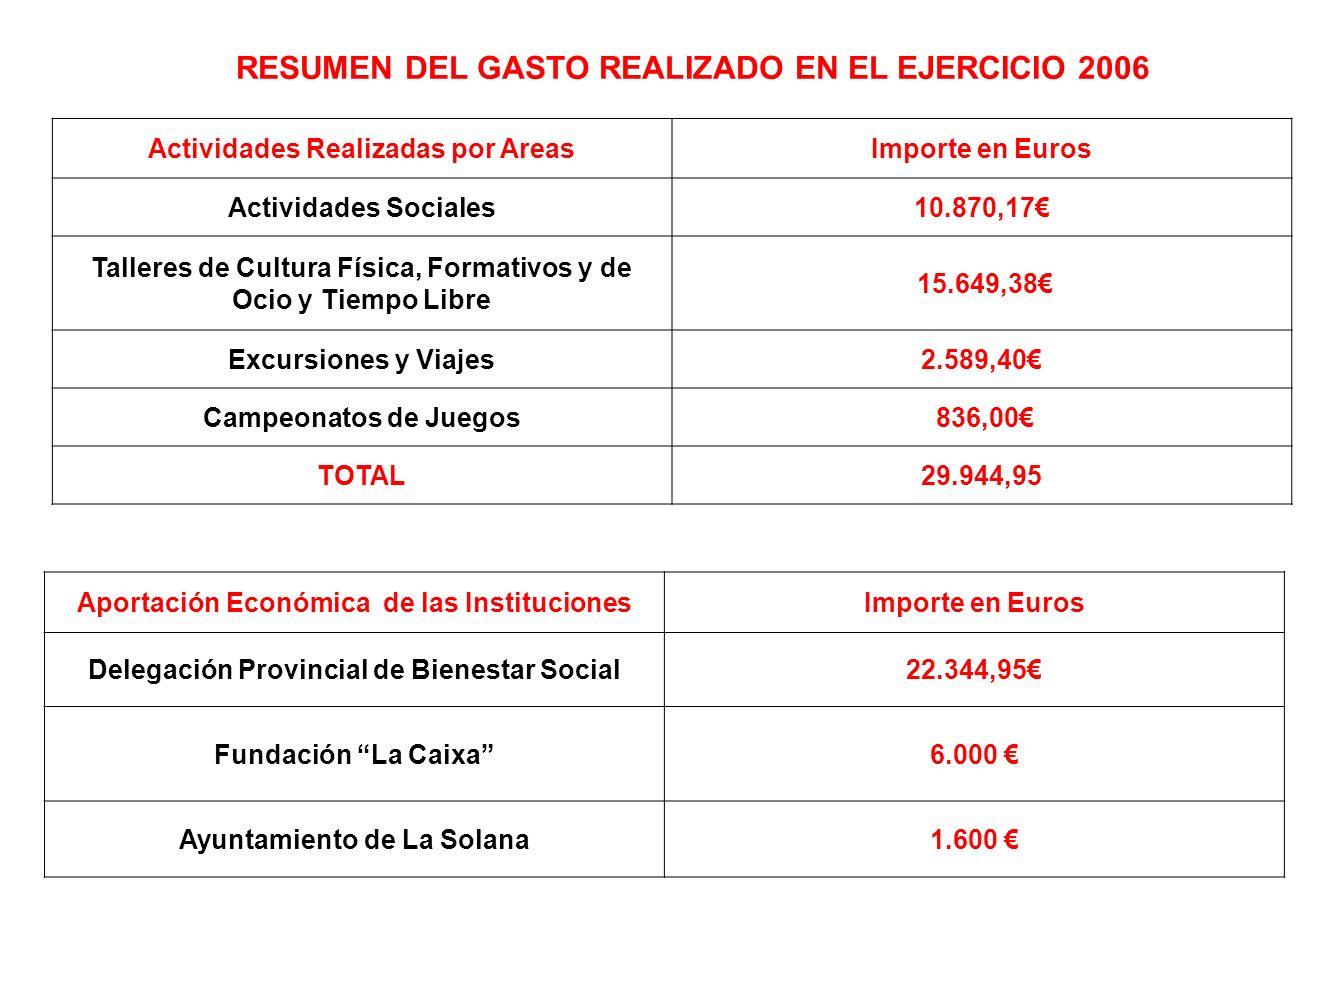 RESUMEN DEL GASTO REALIZADO EN EL EJERCICIO 2006